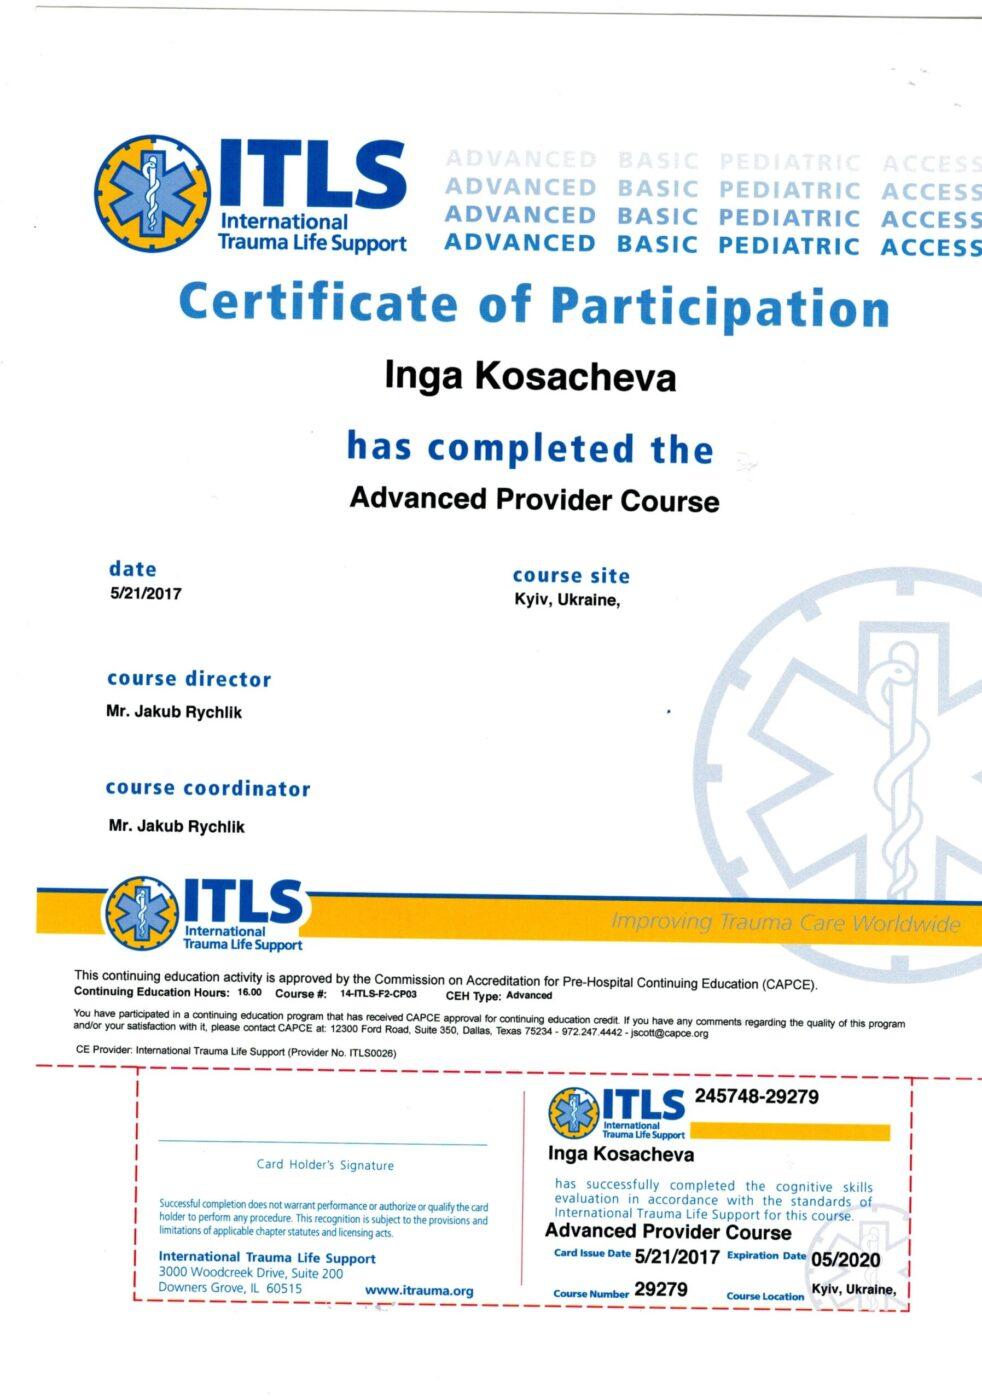 Сертификат подтверждающий участие Косачевой Инги в курсе - Advenced Provider Course